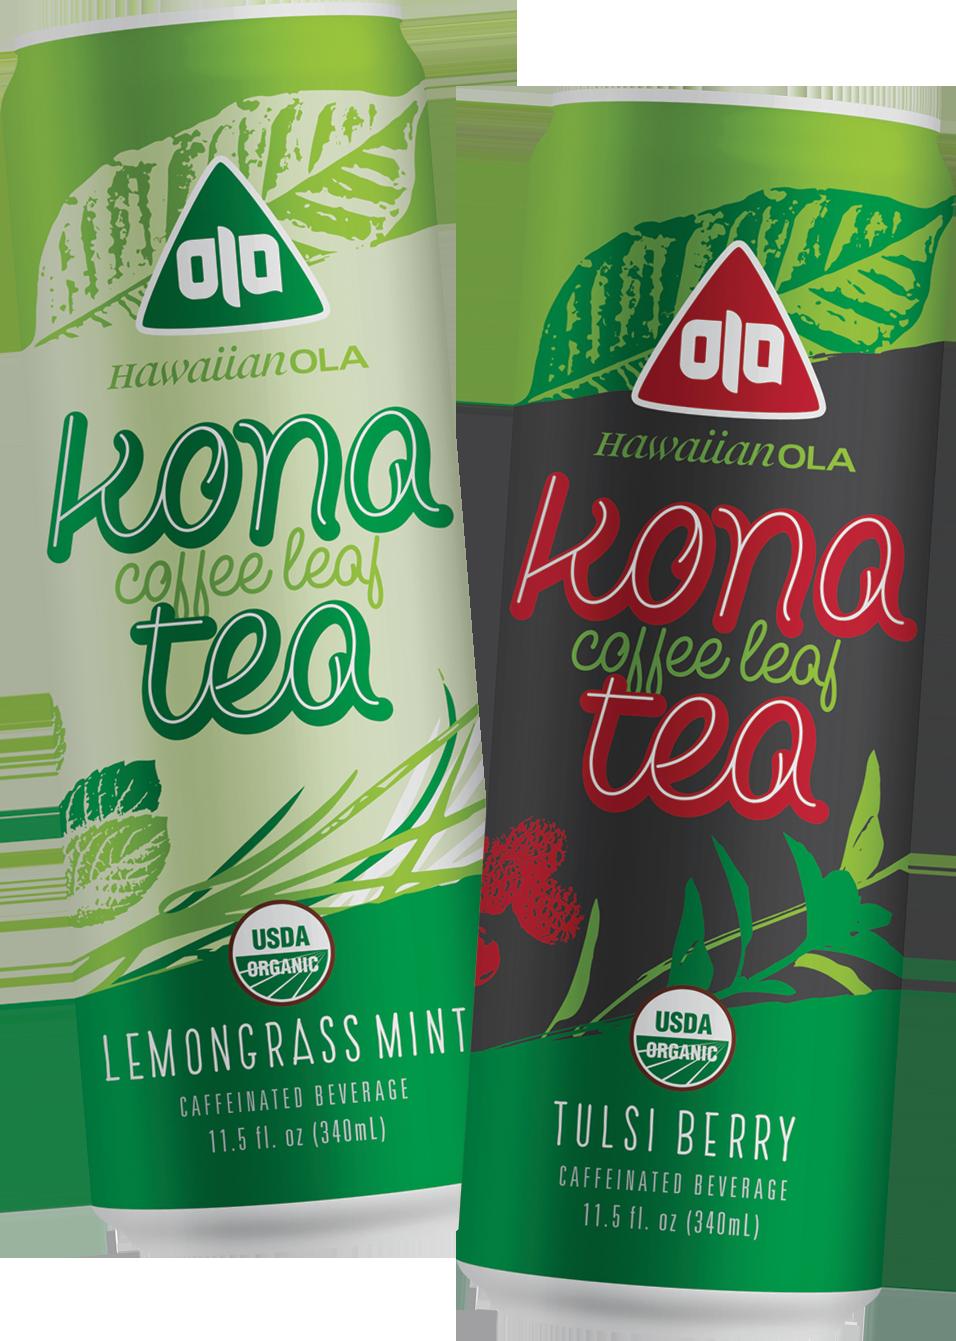 Ola-Kona-tea.png